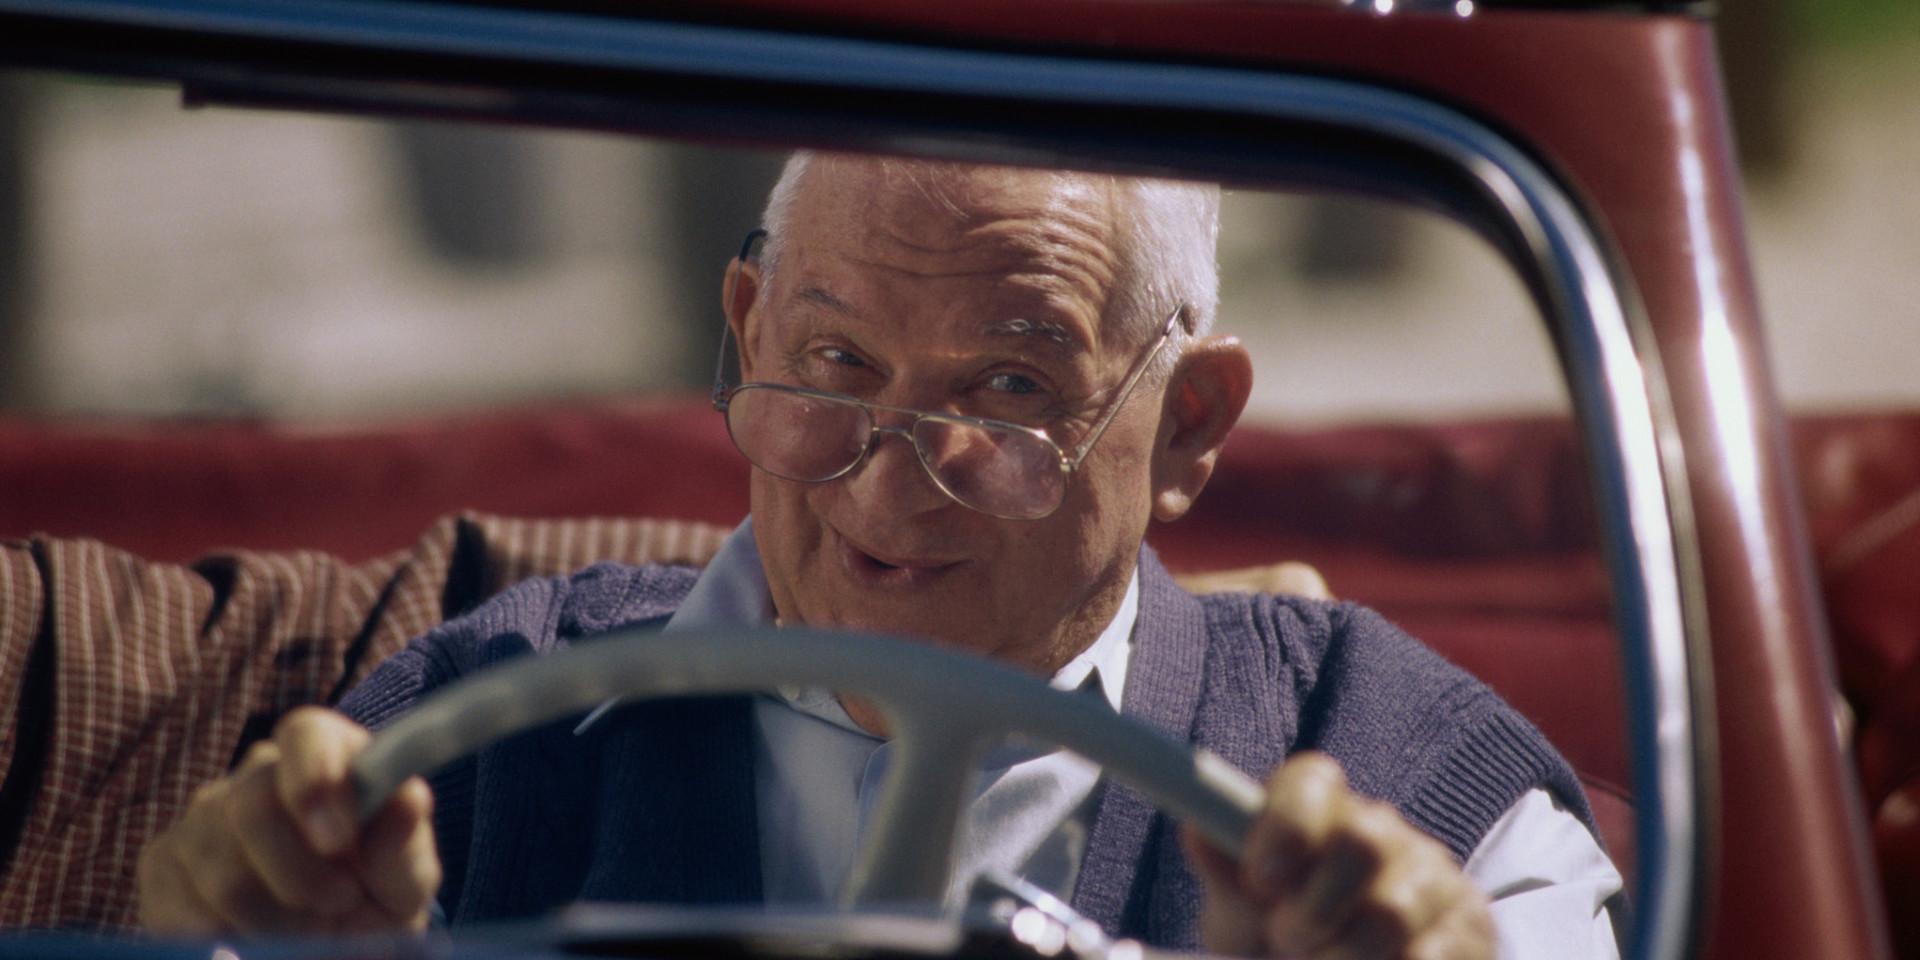 Автострахование: скидки для пенсионеров, о которых вы можете даже не догадываться